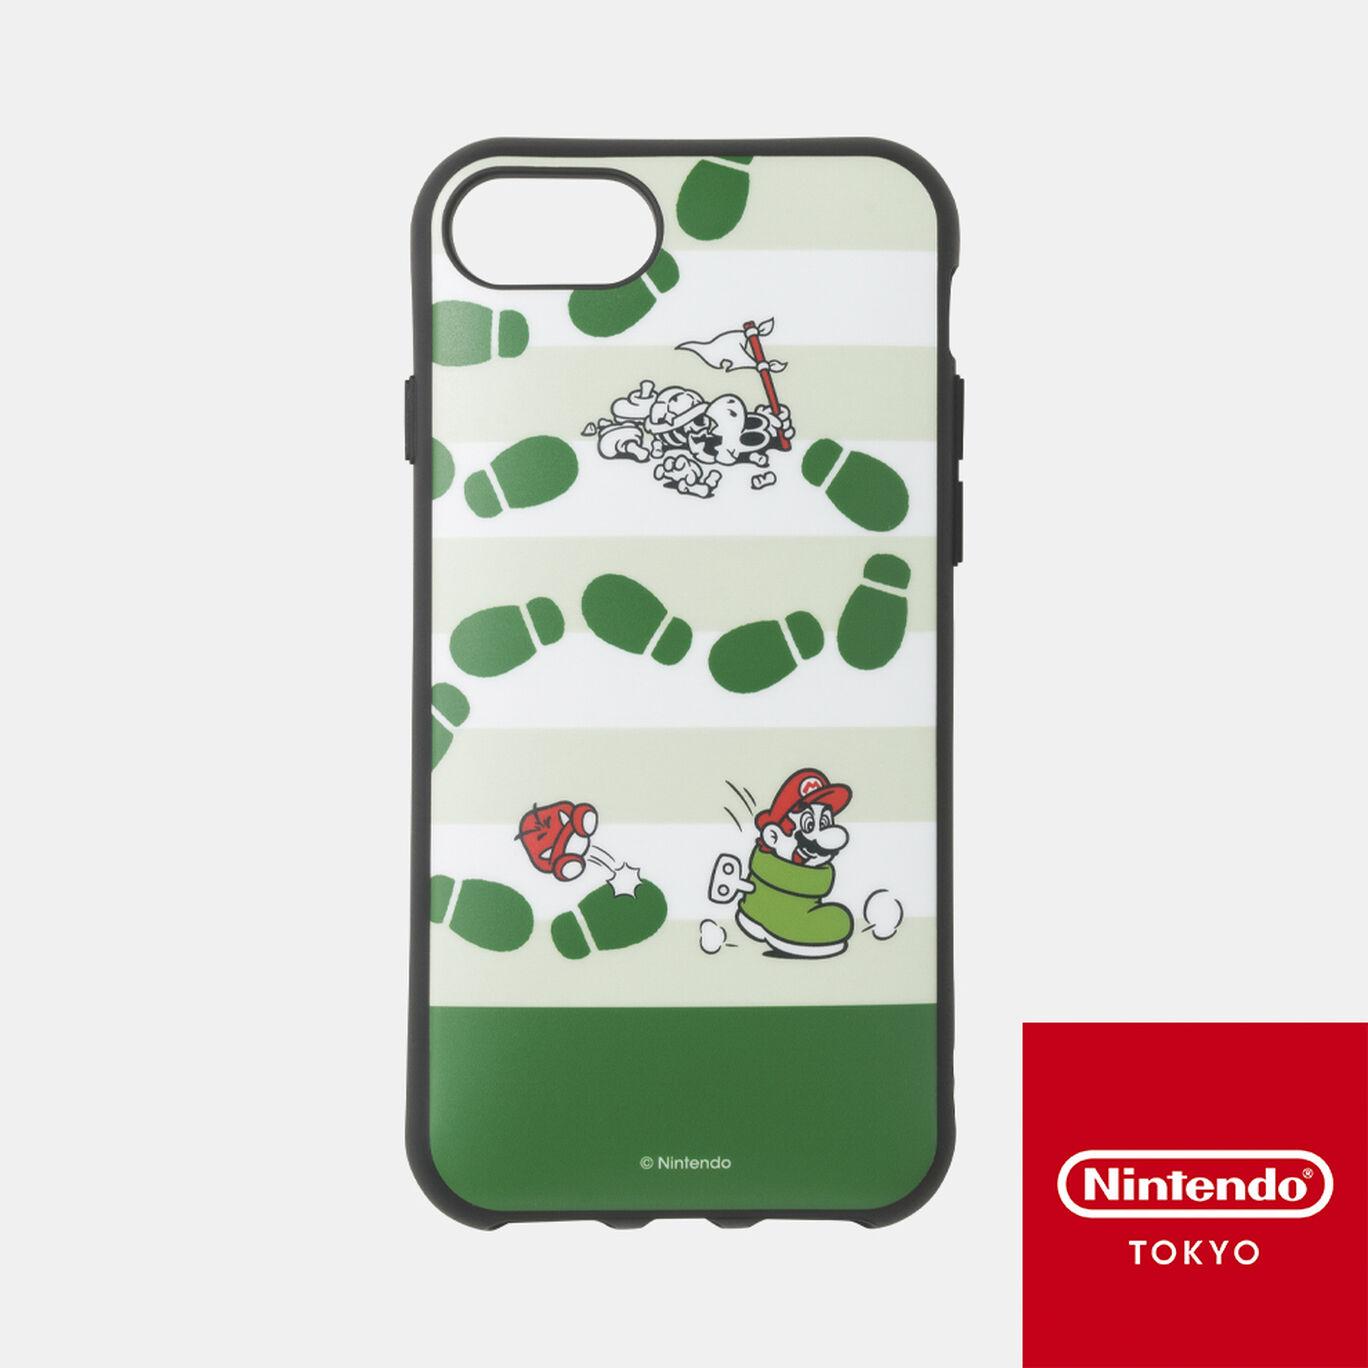 スマホケース スーパーマリオ パワーアップ B iPhone 8/7/6s/6 対応【Nintendo TOKYO取り扱い商品】